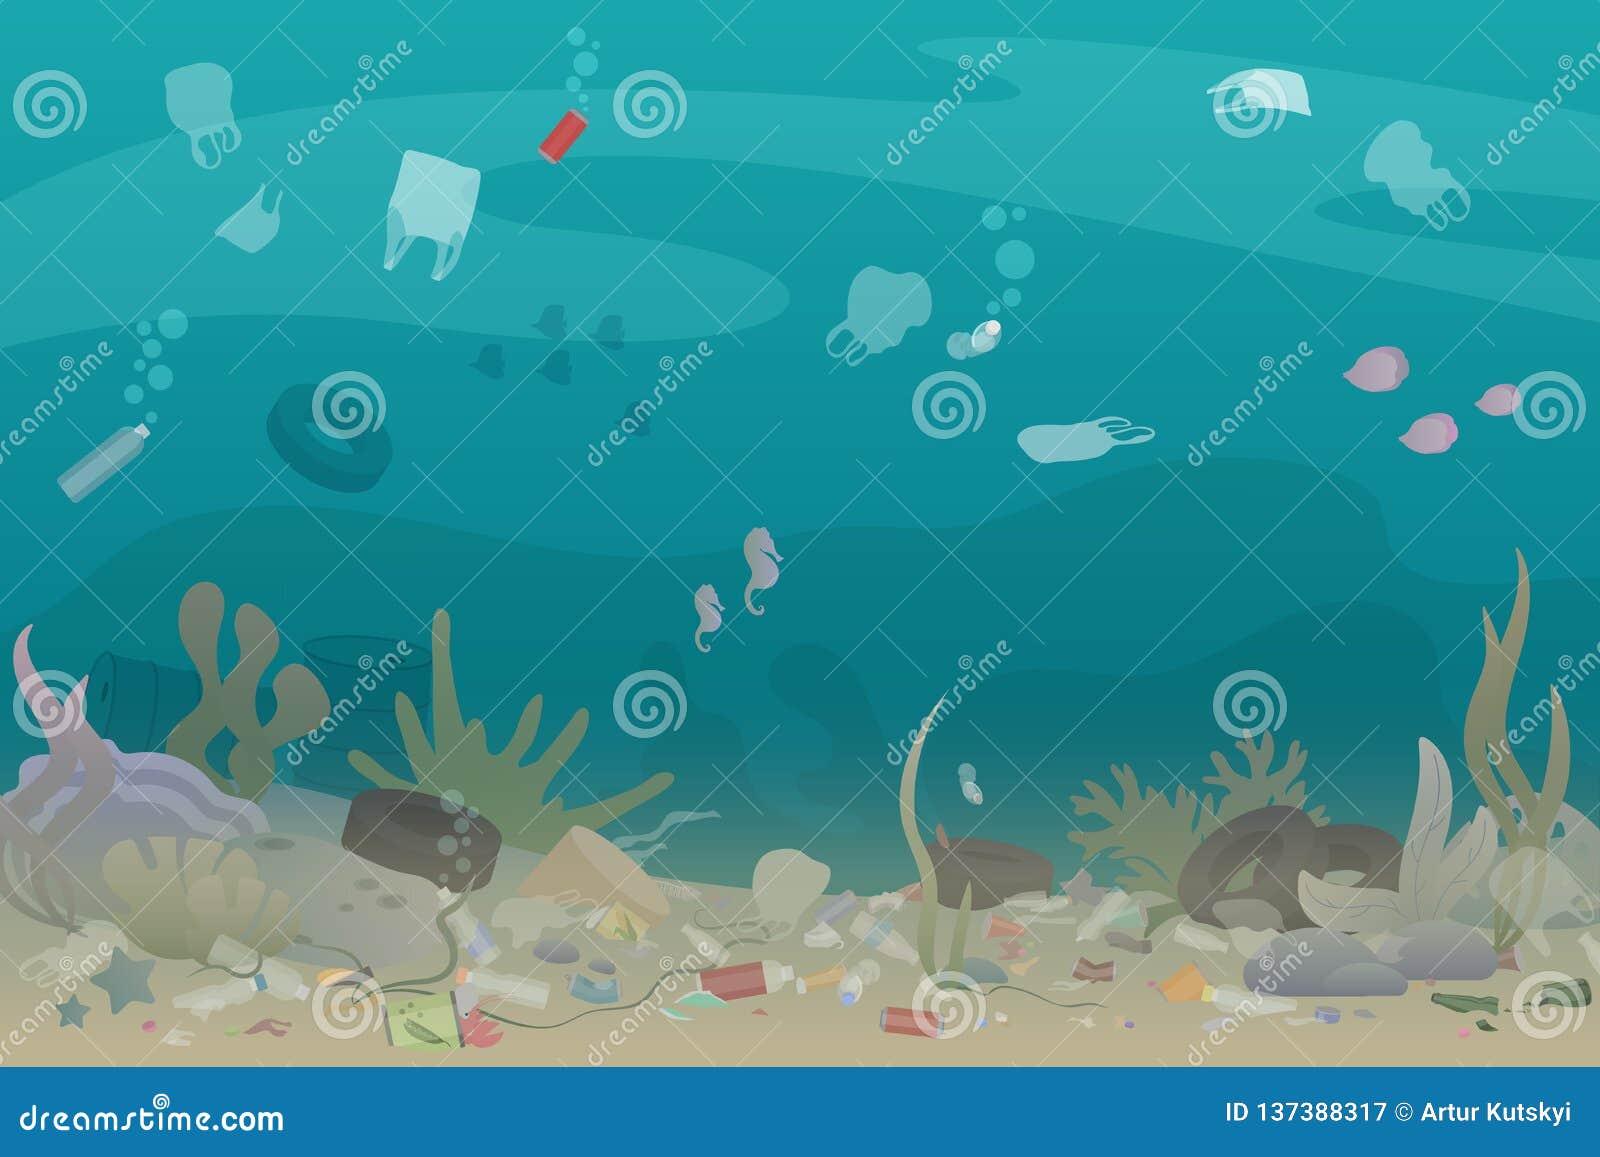 Déchets en plastique de pollution sous la mer avec différents genres de déchets - bouteilles en plastique, sacs, déchets Eco, l e